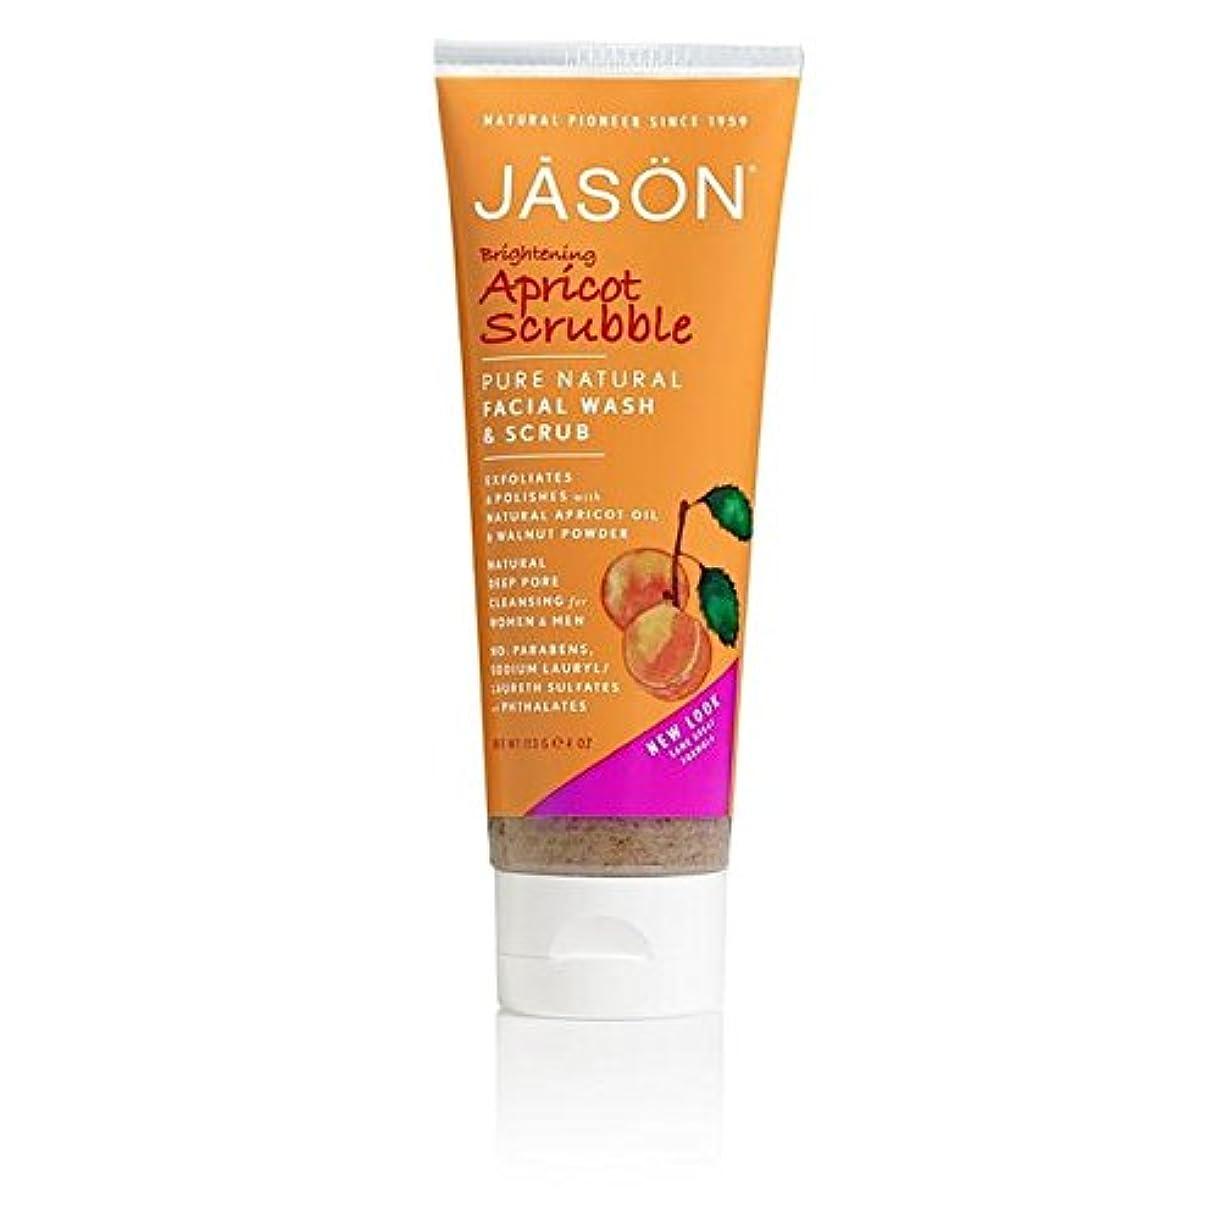 保存オーストラリア告白Jason Apricot Facial Wash & Scrub 128ml - ジェイソン?アプリコット洗顔&スクラブ128ミリリットル [並行輸入品]